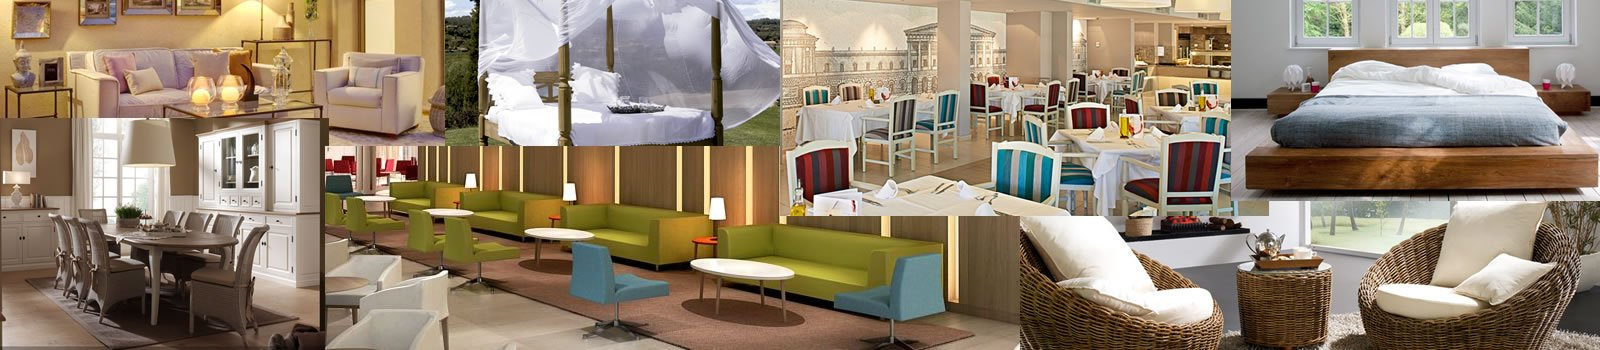 EXPO MOBLES MANACOR - Muebles hostelería – Muebles en Llevant.portaldetuciuda...